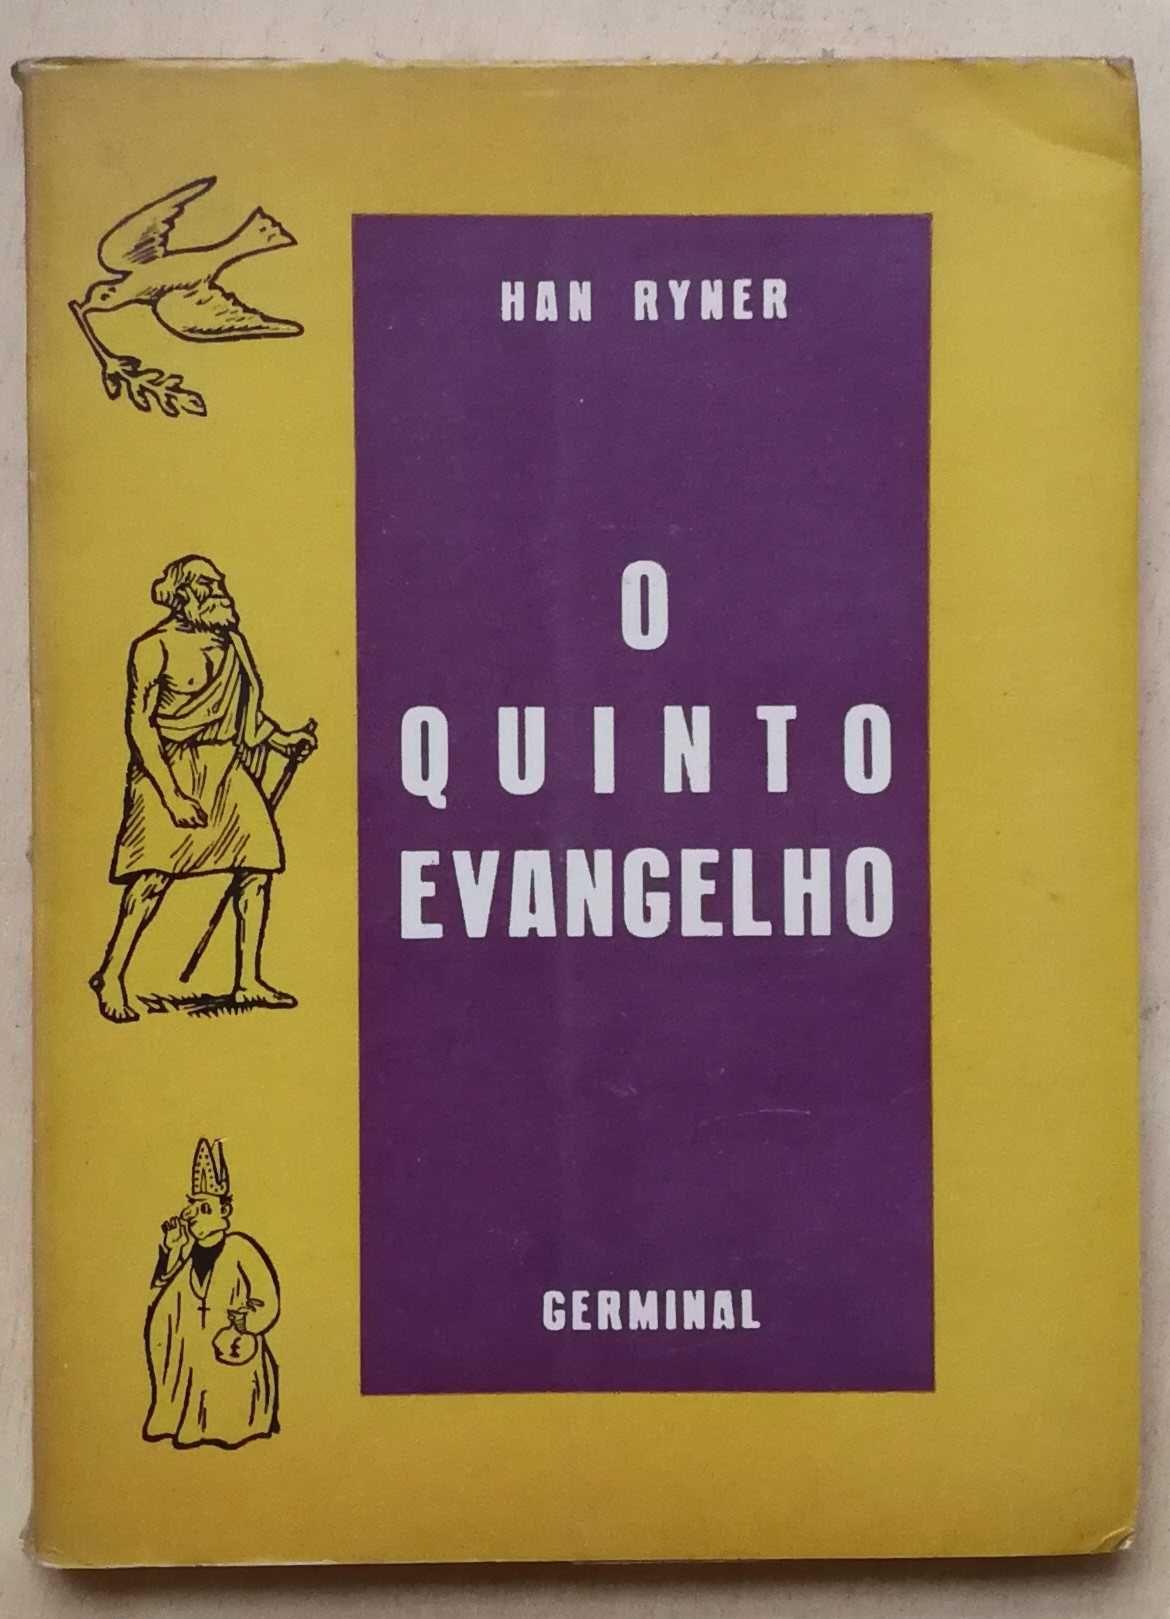 o quinto evangelho, han ryner, germinal